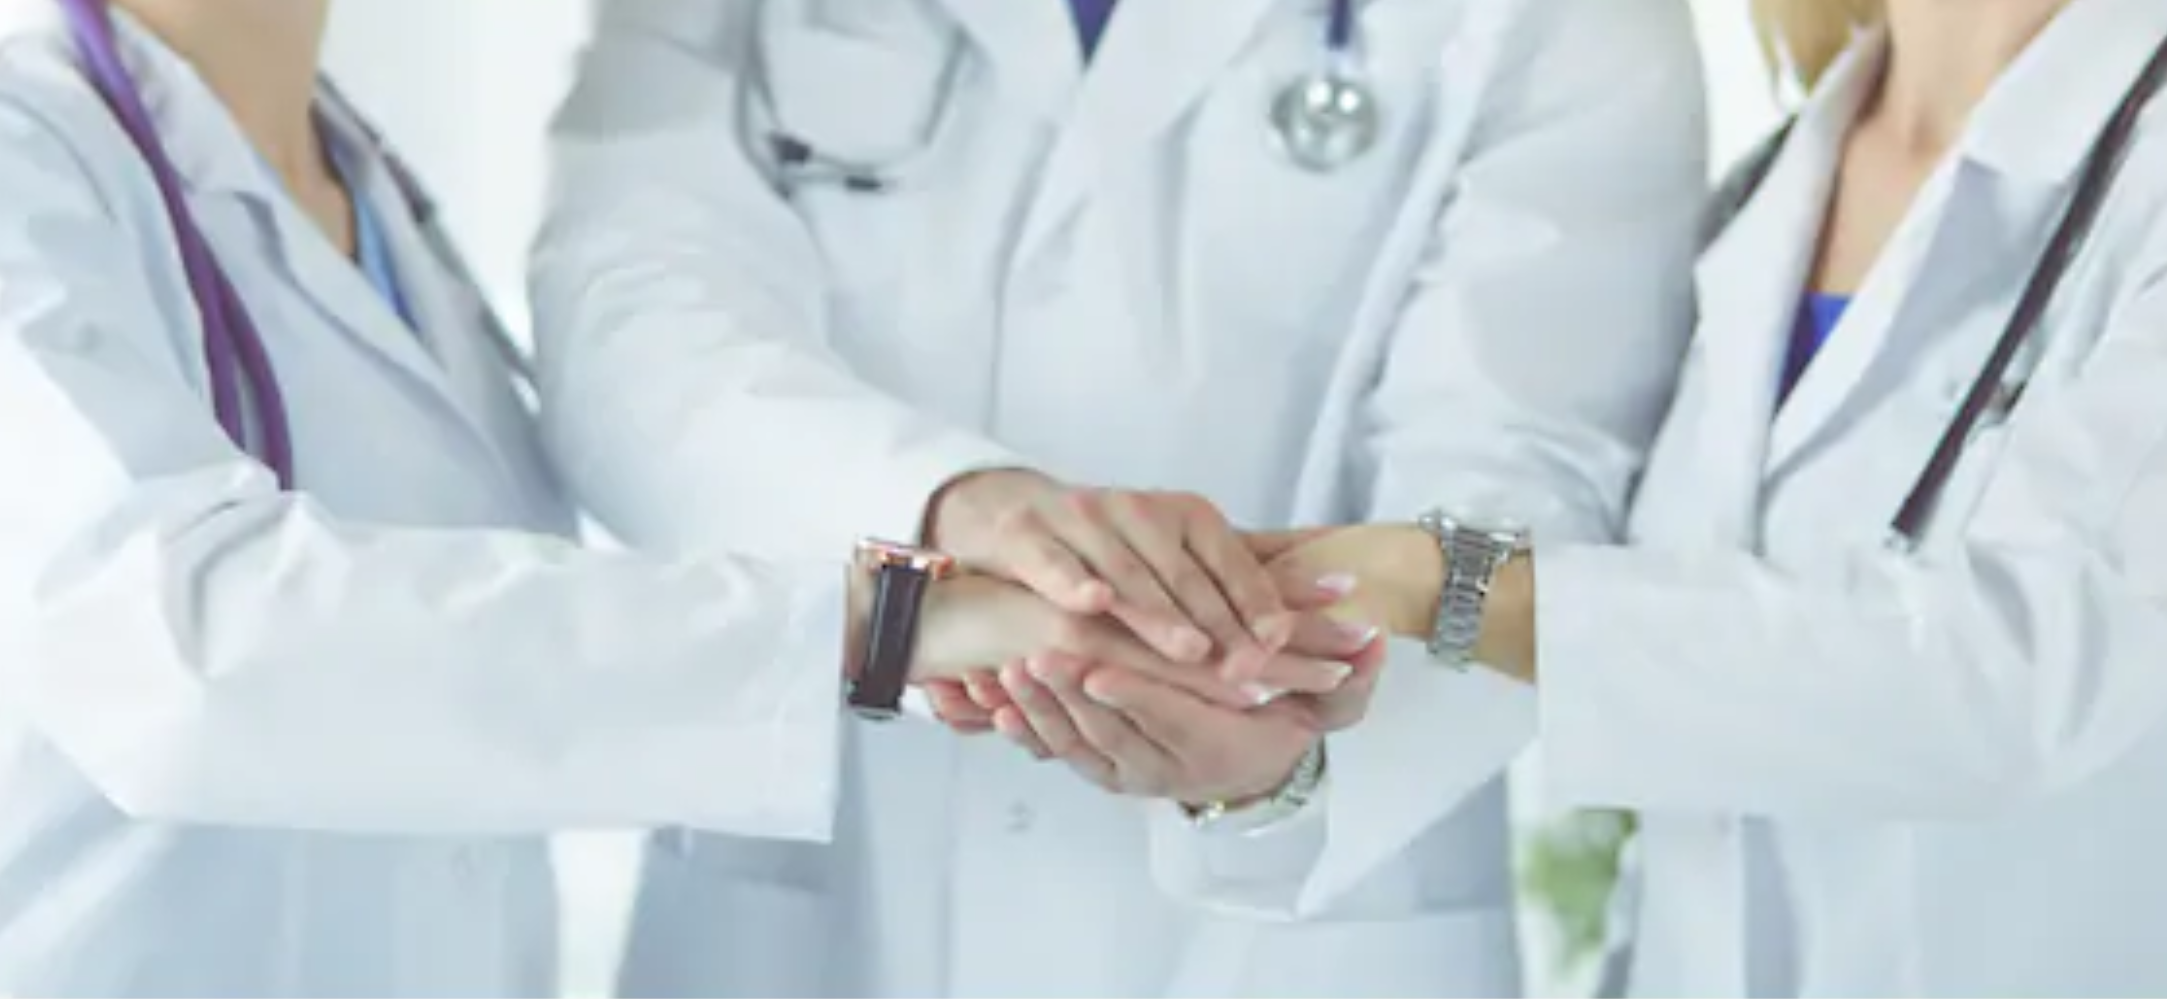 Proyecto Prioridades Saludables: Una visión anticipatoria y complementaria a las preocupaciones por el COVID-19